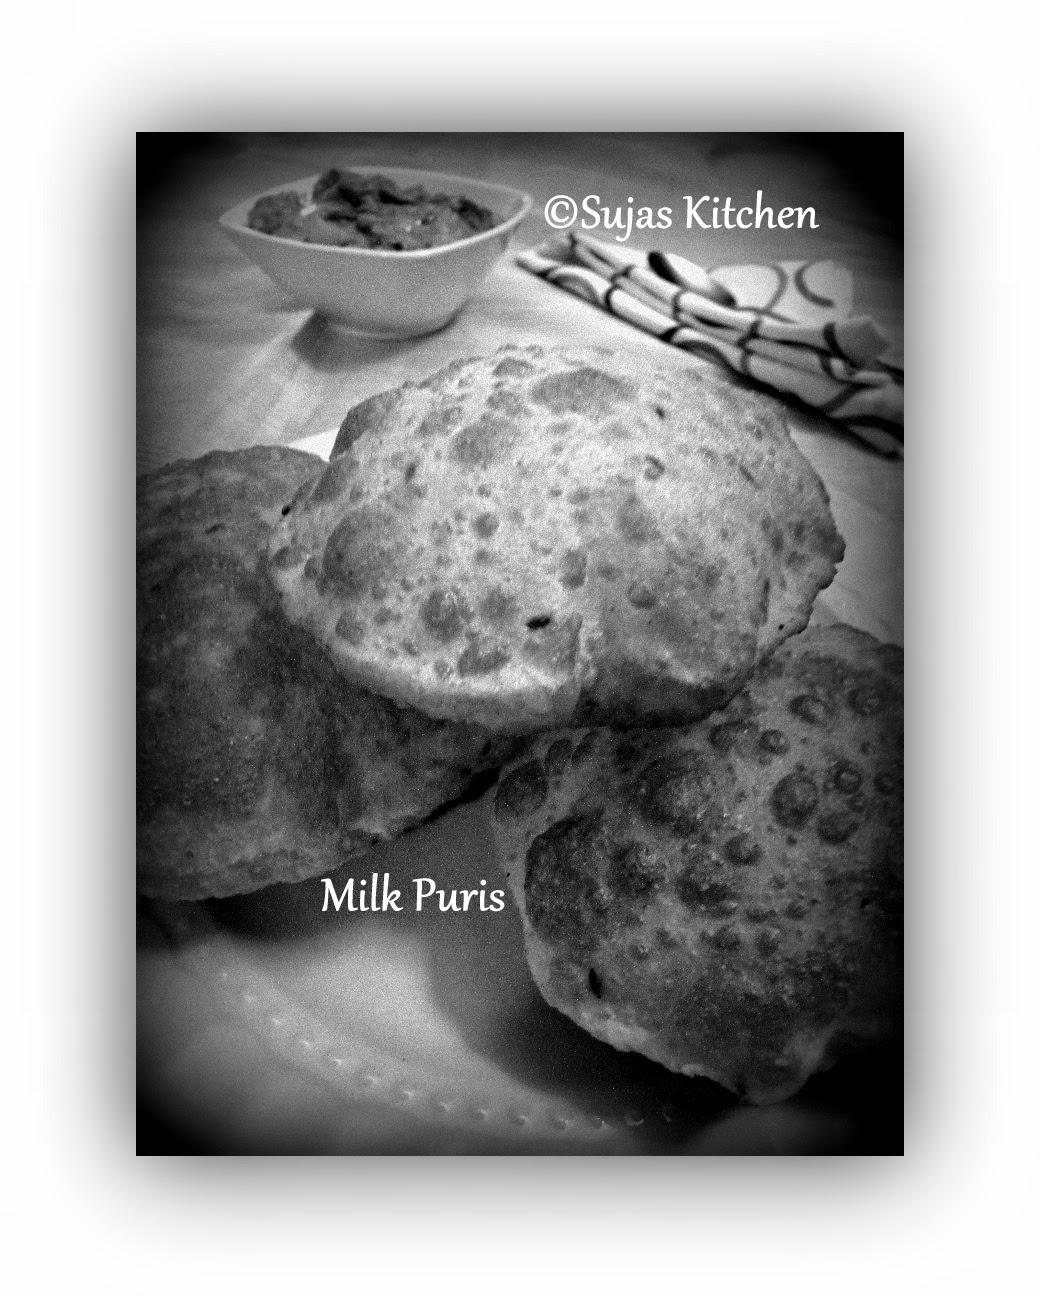 Milk Puri's - Savory Puri's made with milk.